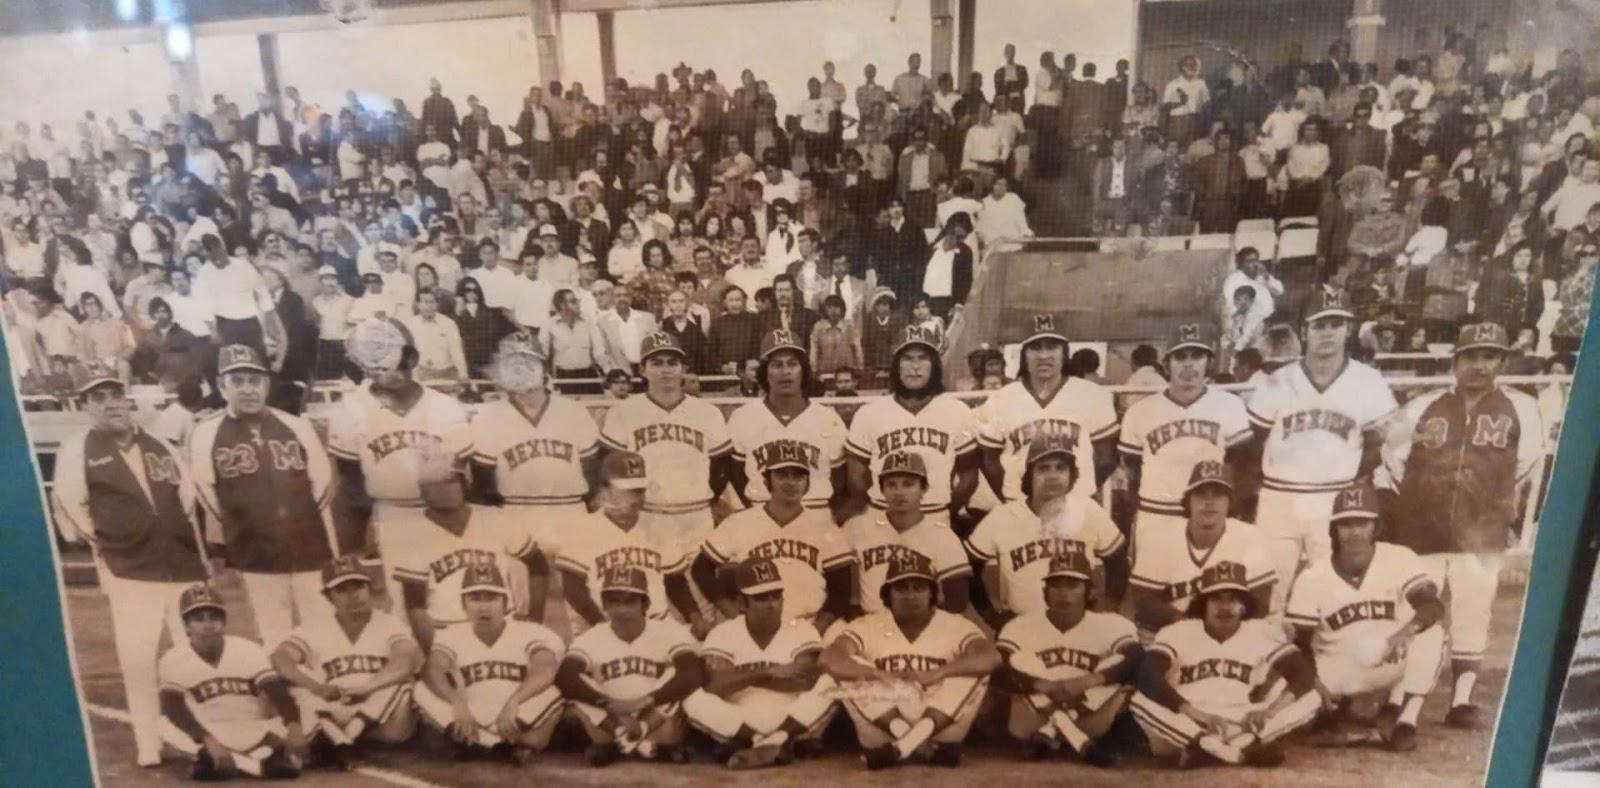 Foto en blanco y negro de un grupo de personas en las gradas  Descripción generada automáticamente con confianza media